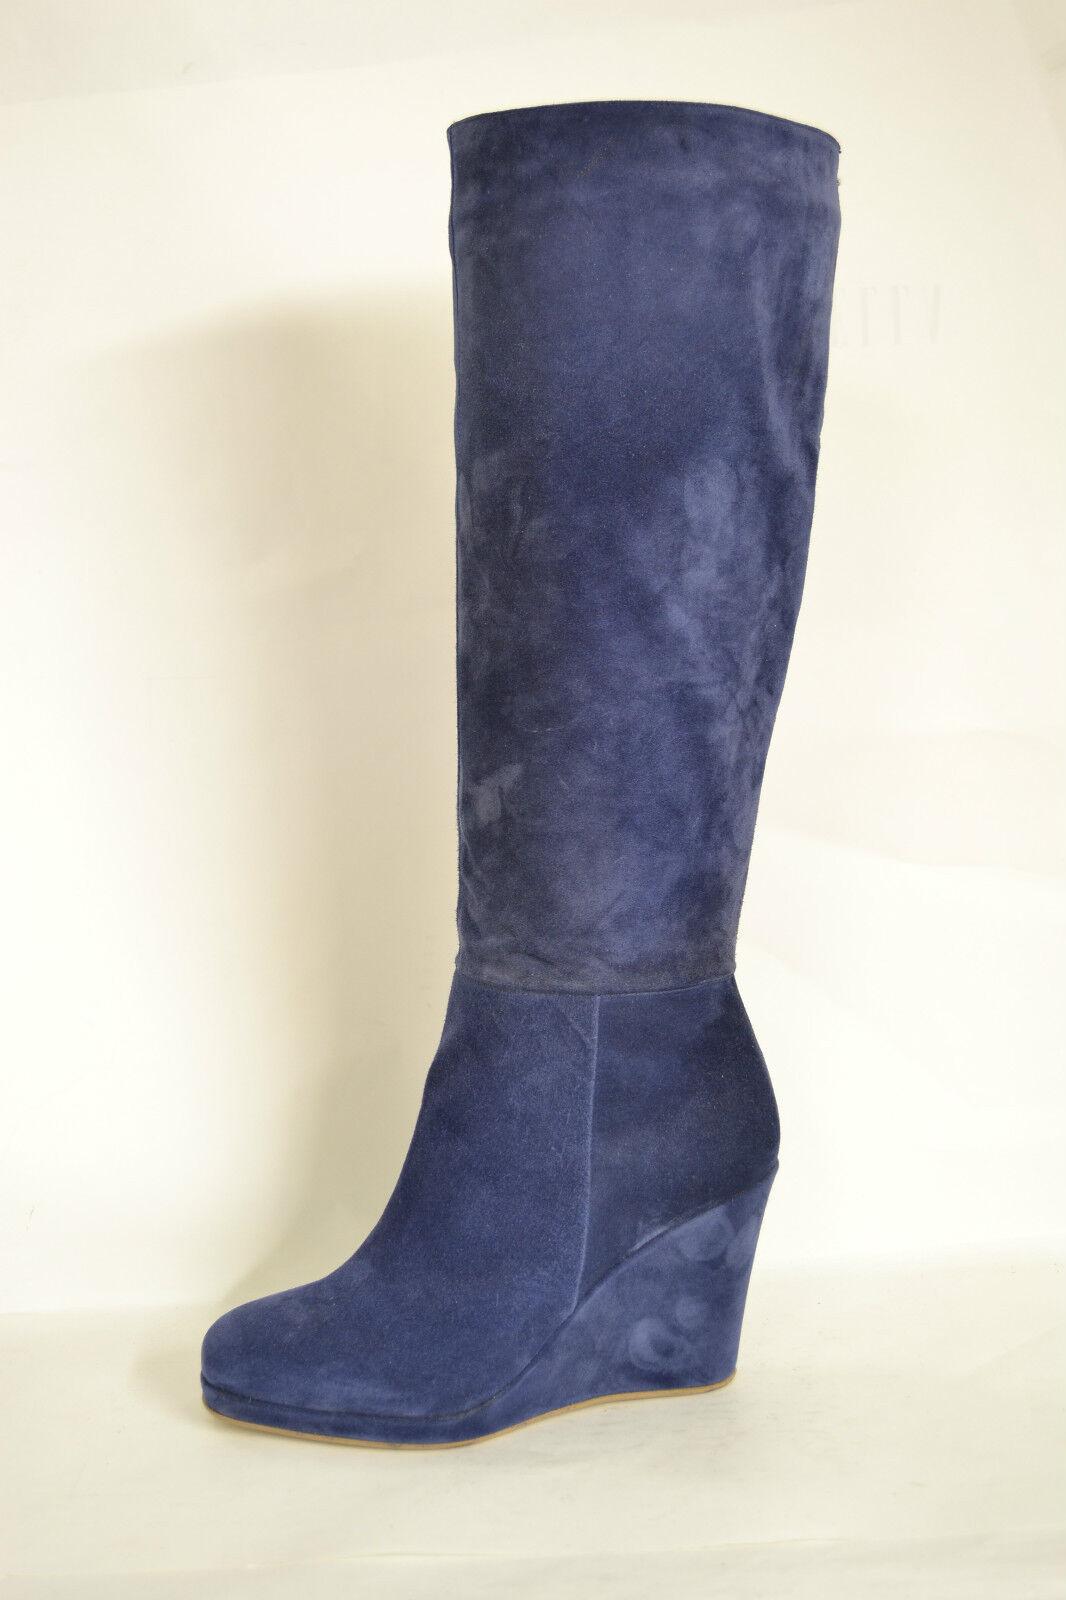 Grandes zapatos con descuento SCARPE STIVALI DONNA ZEPPA VERA PELLE CAMOSCIO BLU ARTIGIANALI TAGLIE DA 34 A 42